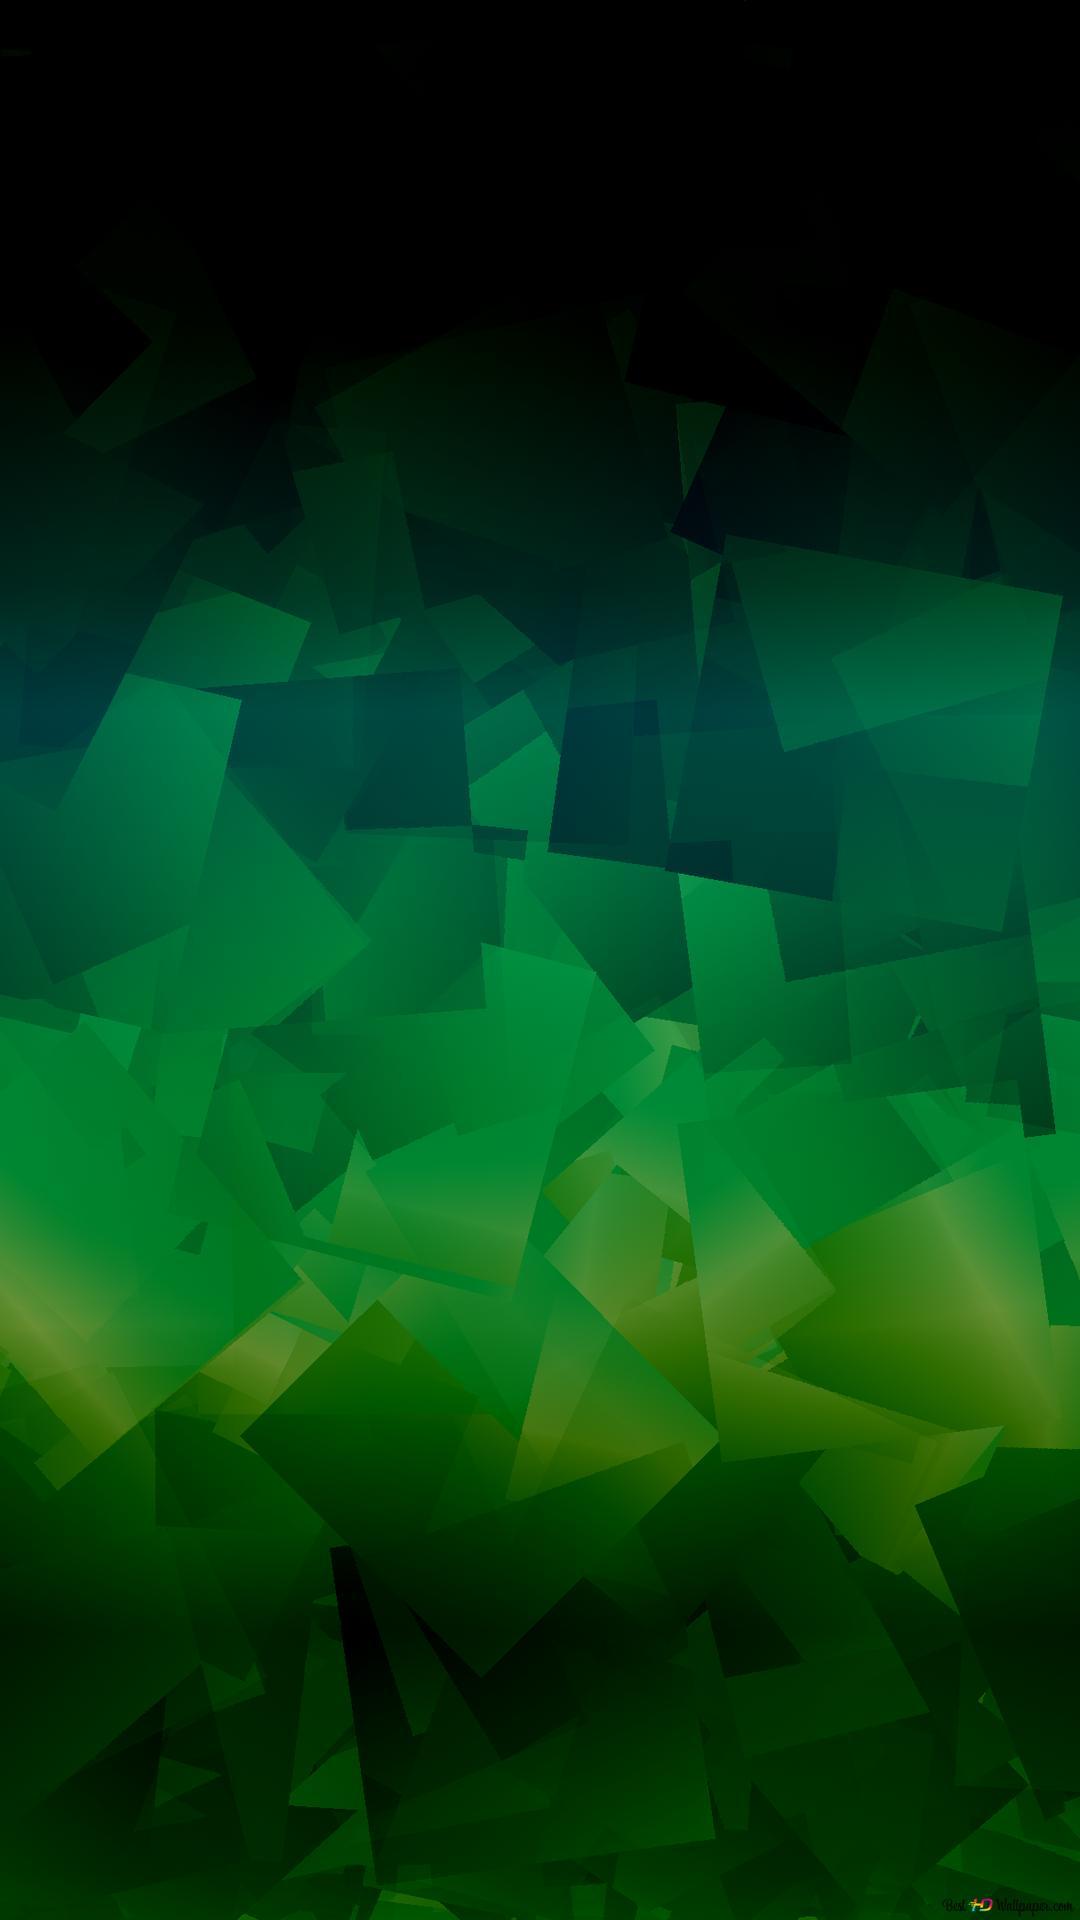 Berühmt Abstract - yeshil HD Hintergrundbilder herunterladen &LZ_95